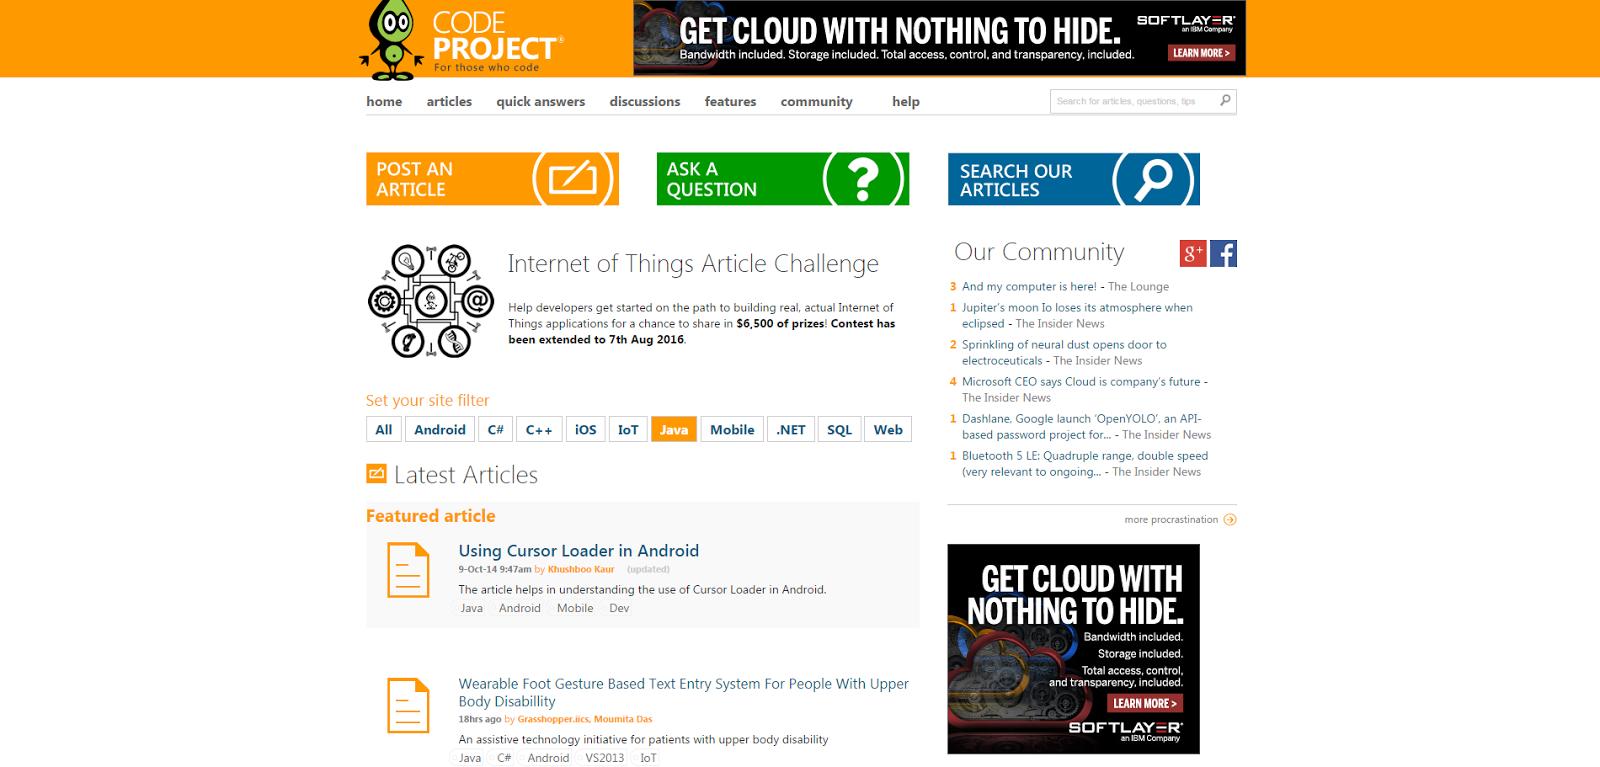 تعرف على موقع من افضل المواقع التي تعطيك مشاريع ويب و تطبيات مفتوحة